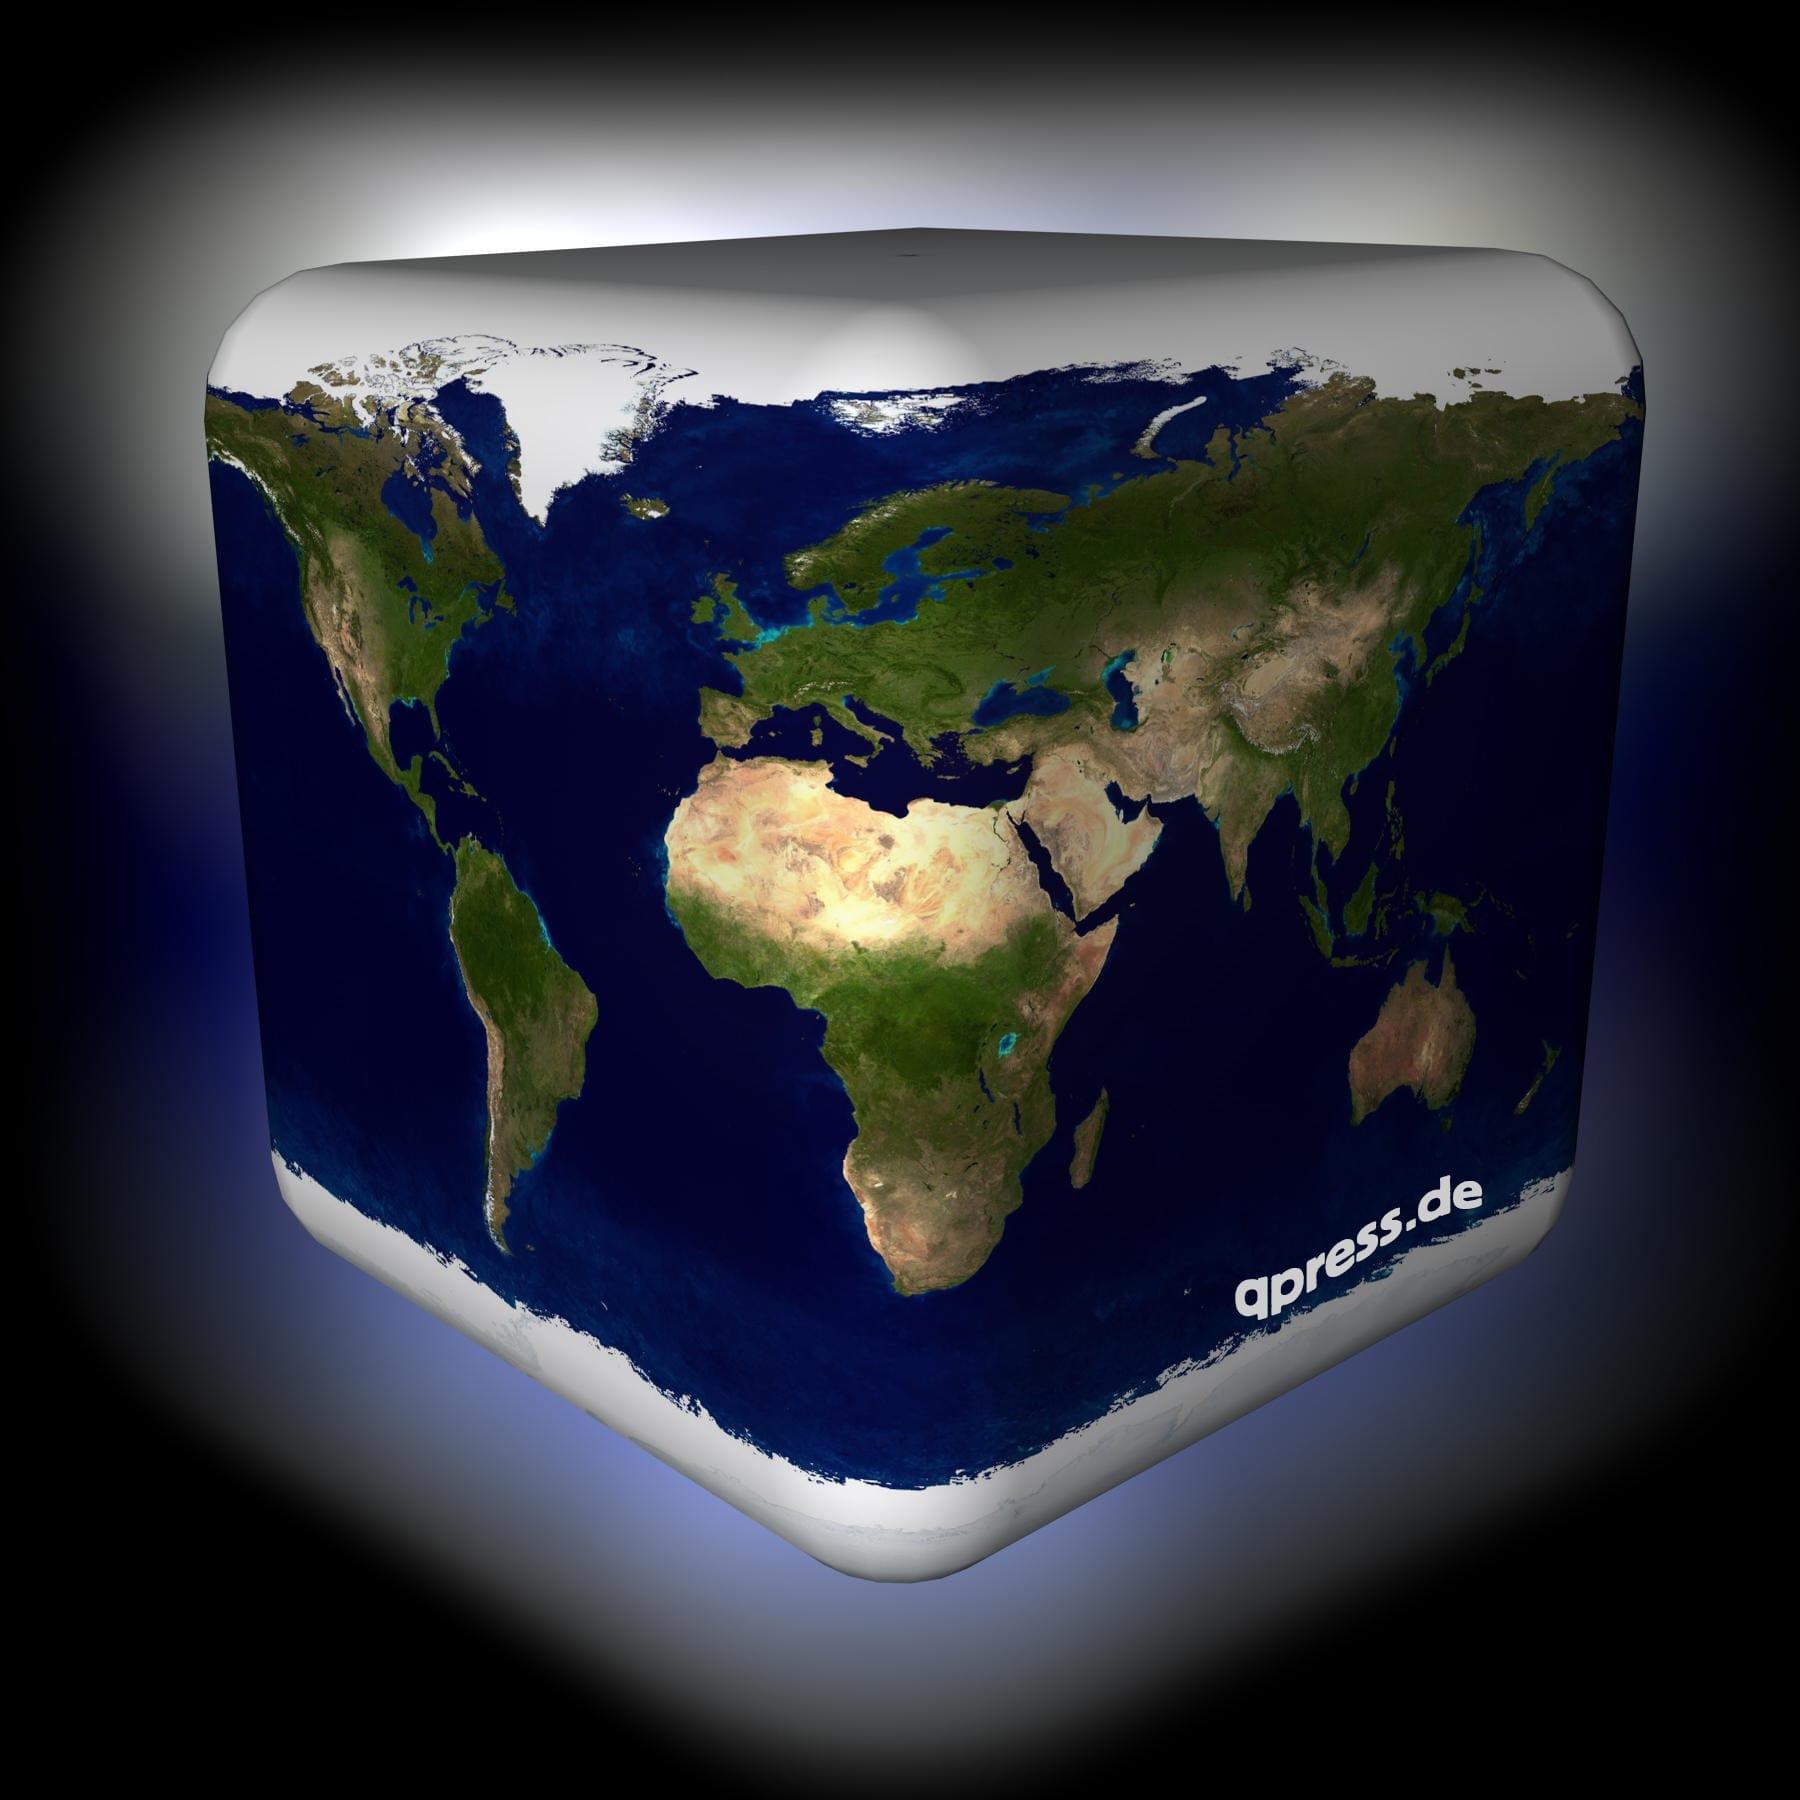 Flache Erde Karte Kaufen.Brutalster Flache Erde Beweis Aller Zeiten Qpress